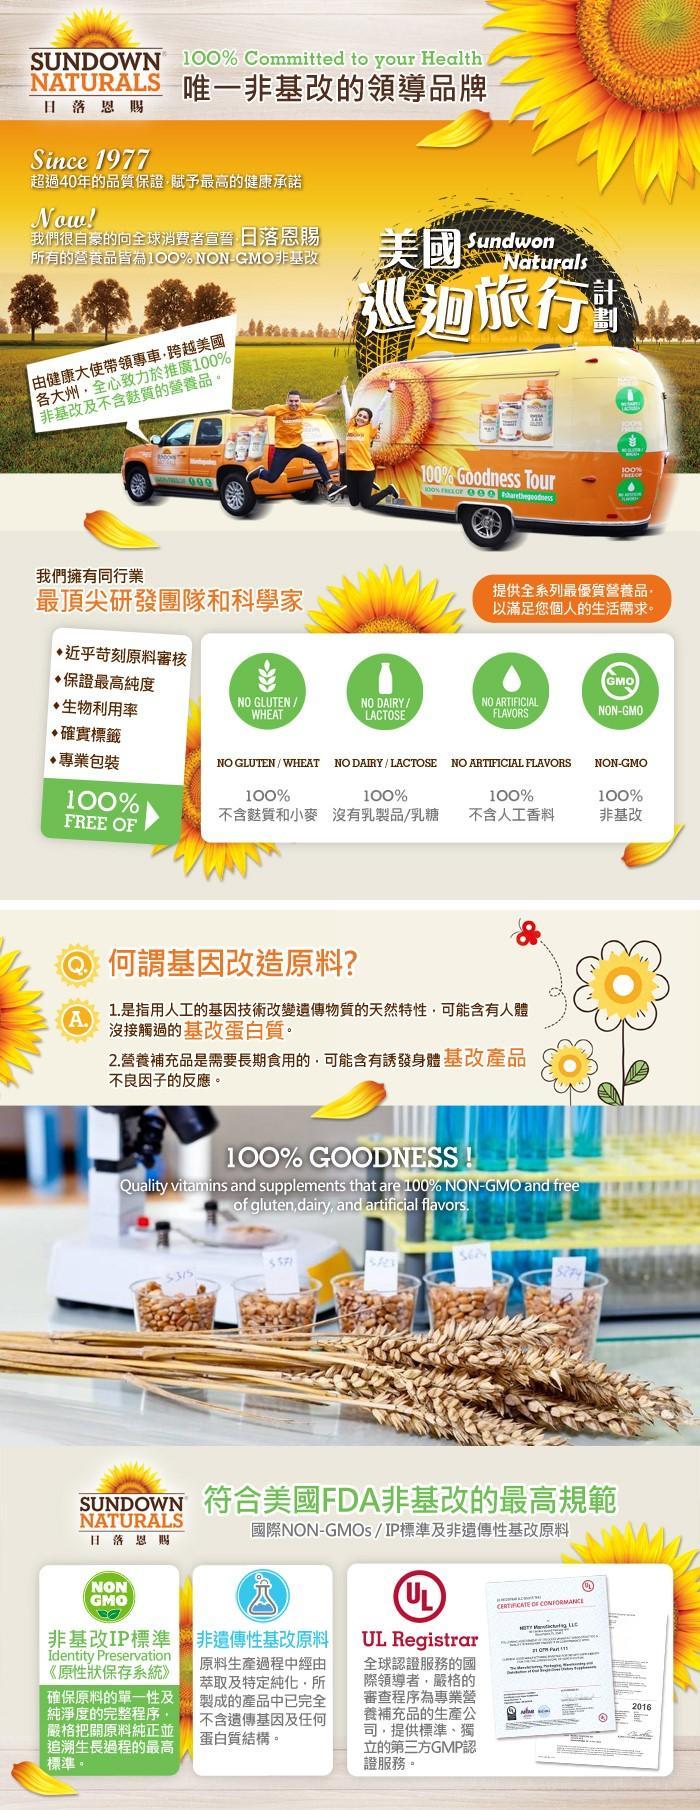 Sundown日落恩賜 高單位生物素5000mcg+鈣膠囊(60粒)產品資訊